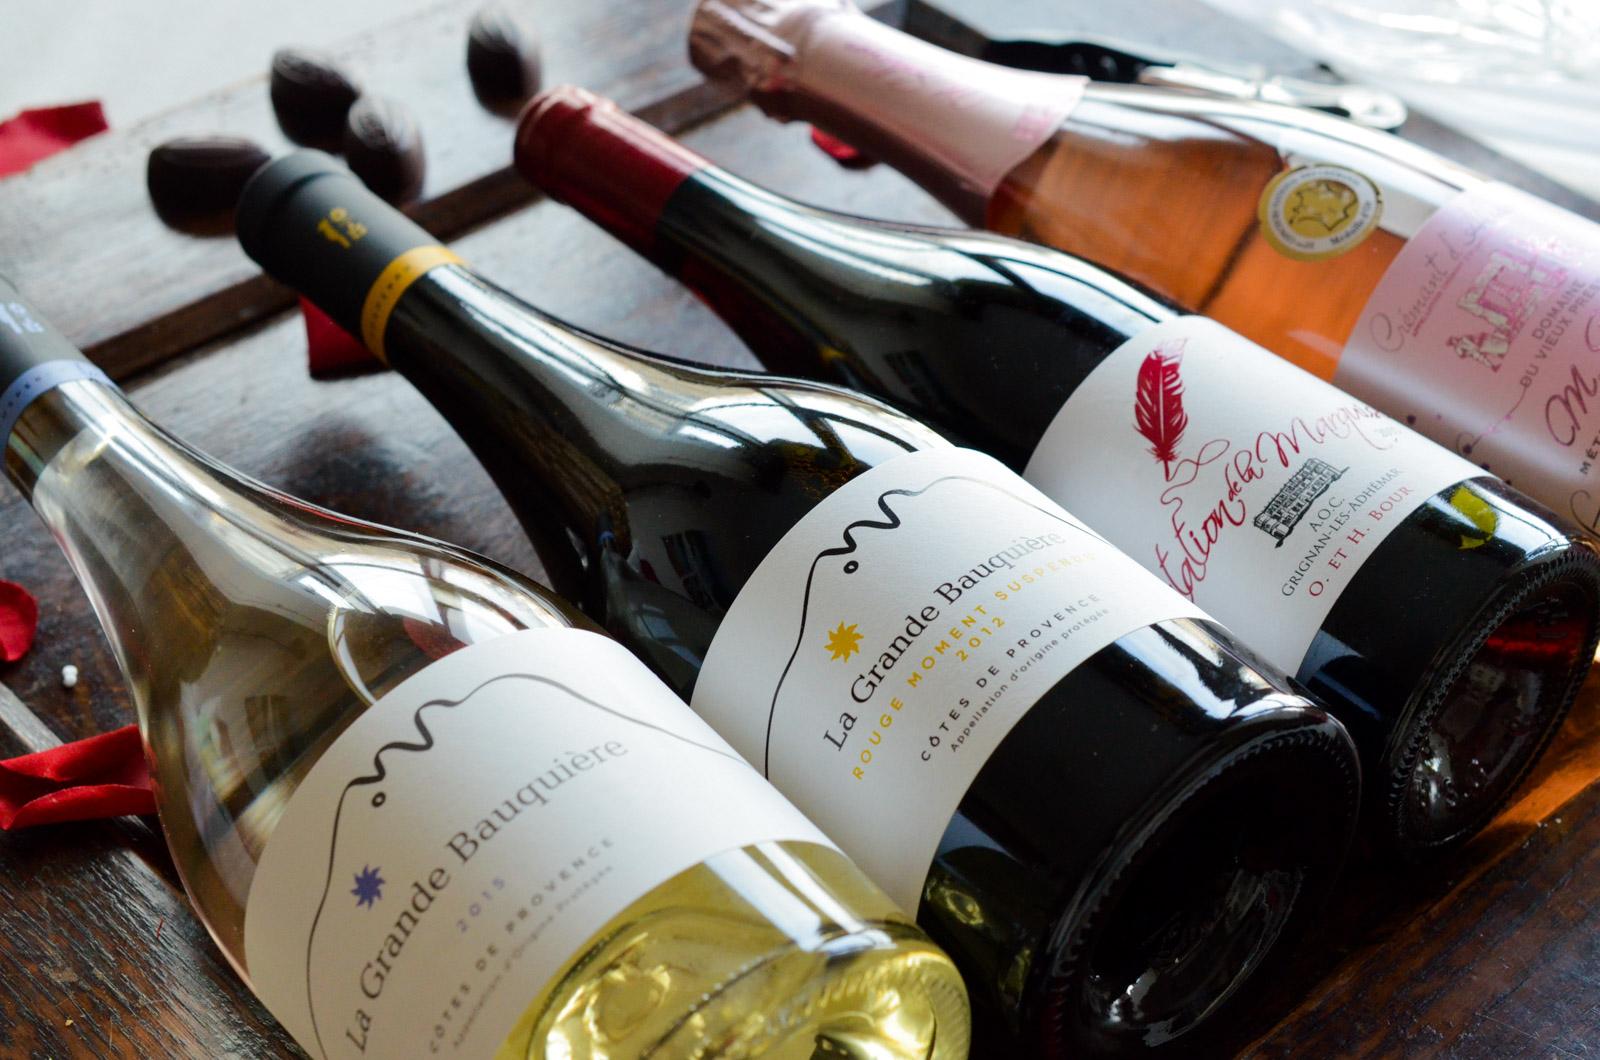 Vins Saint Valentin (2 Sur 2)